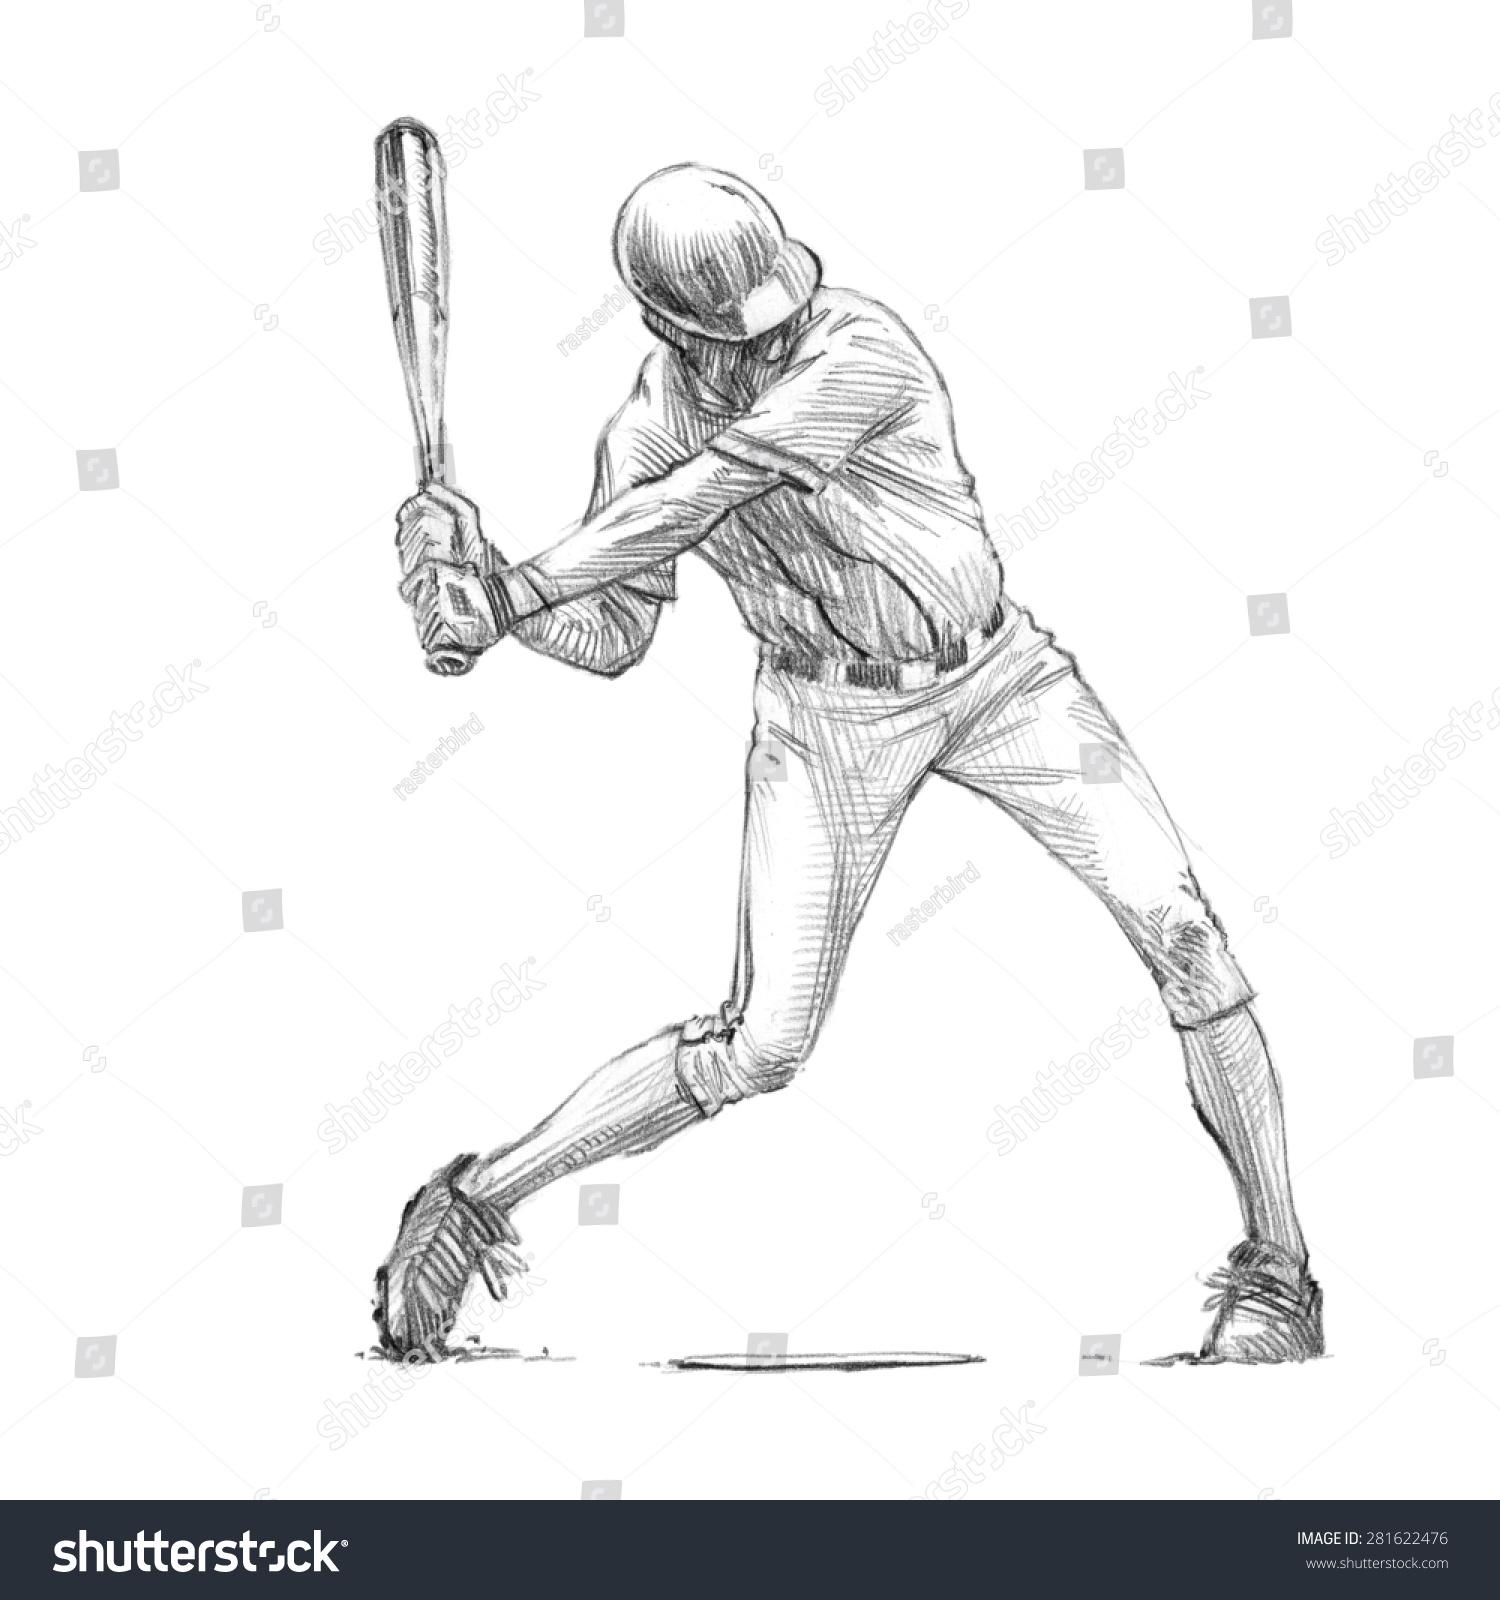 棒球运动员的运动系列/粗略的铅笔绘图/面糊/高分辨率